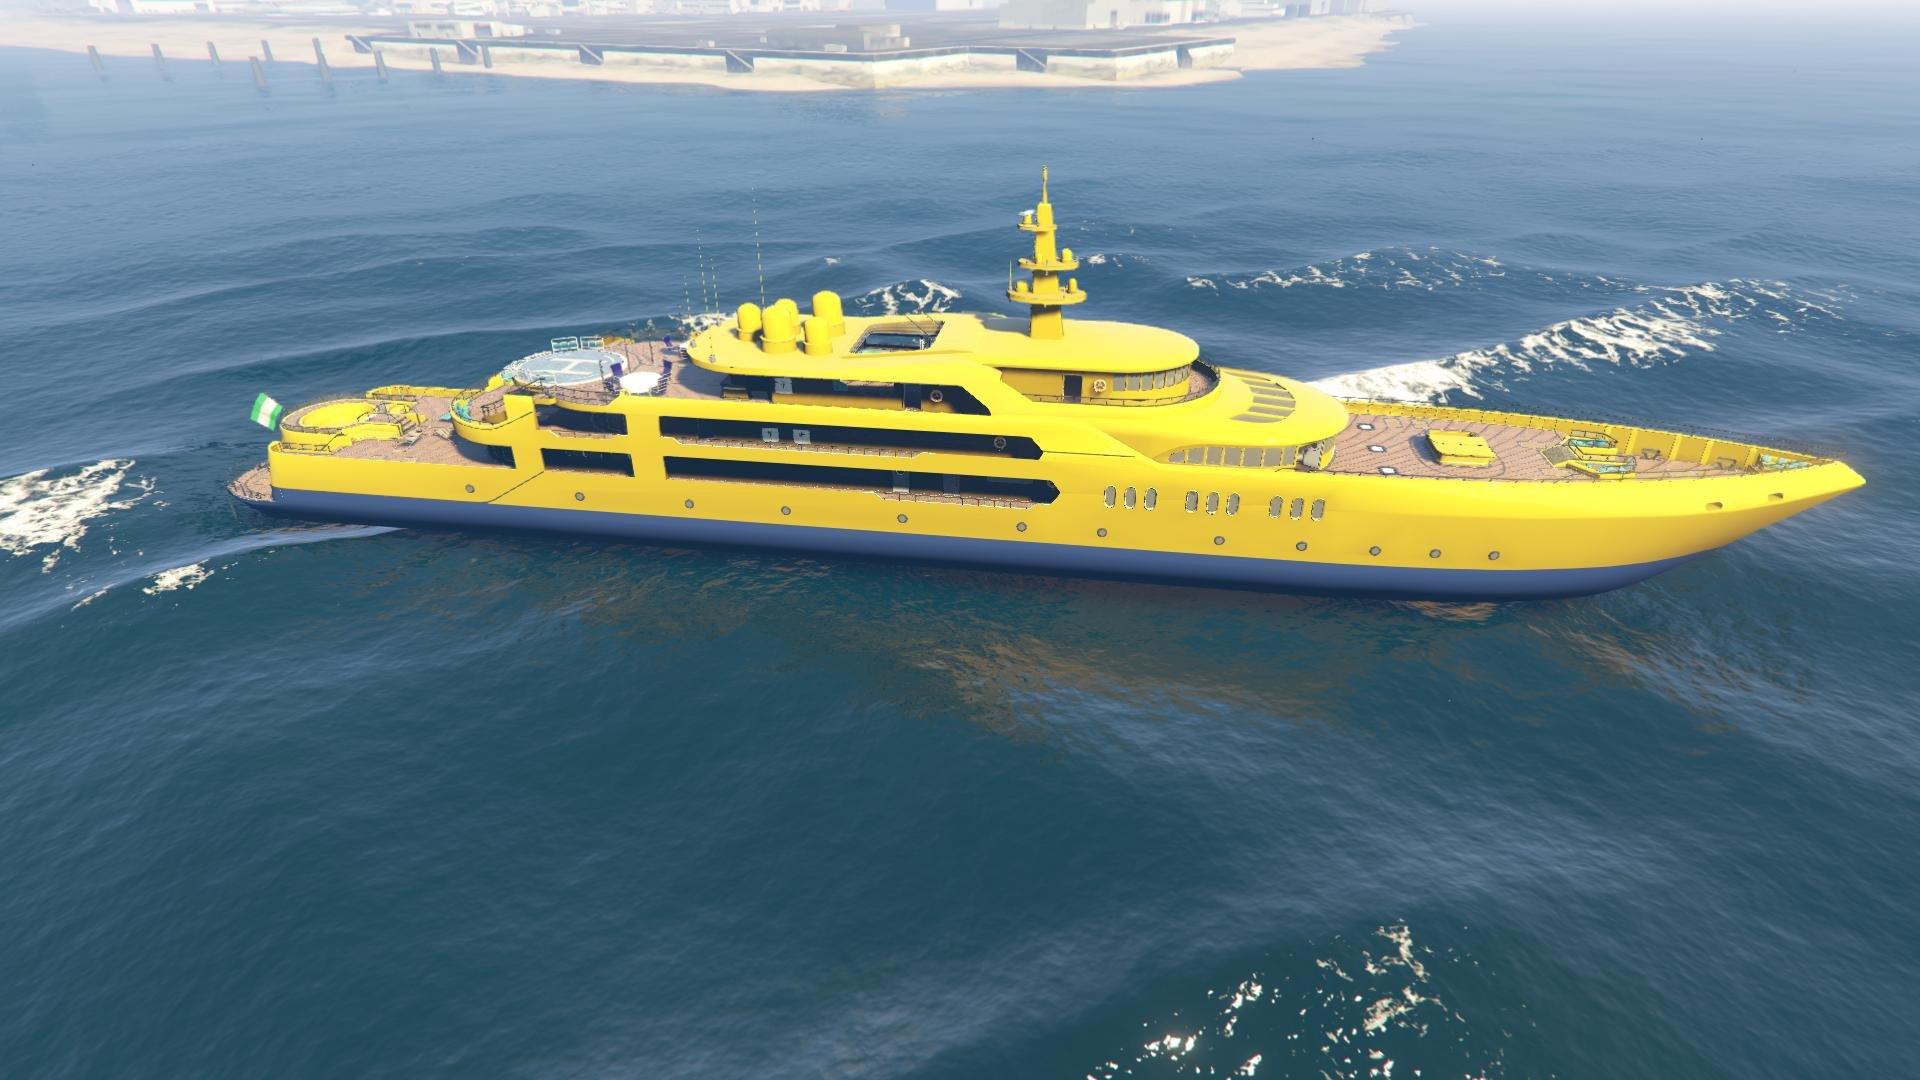 Обои яхта, yacht, море, porsche. Разное foto 15